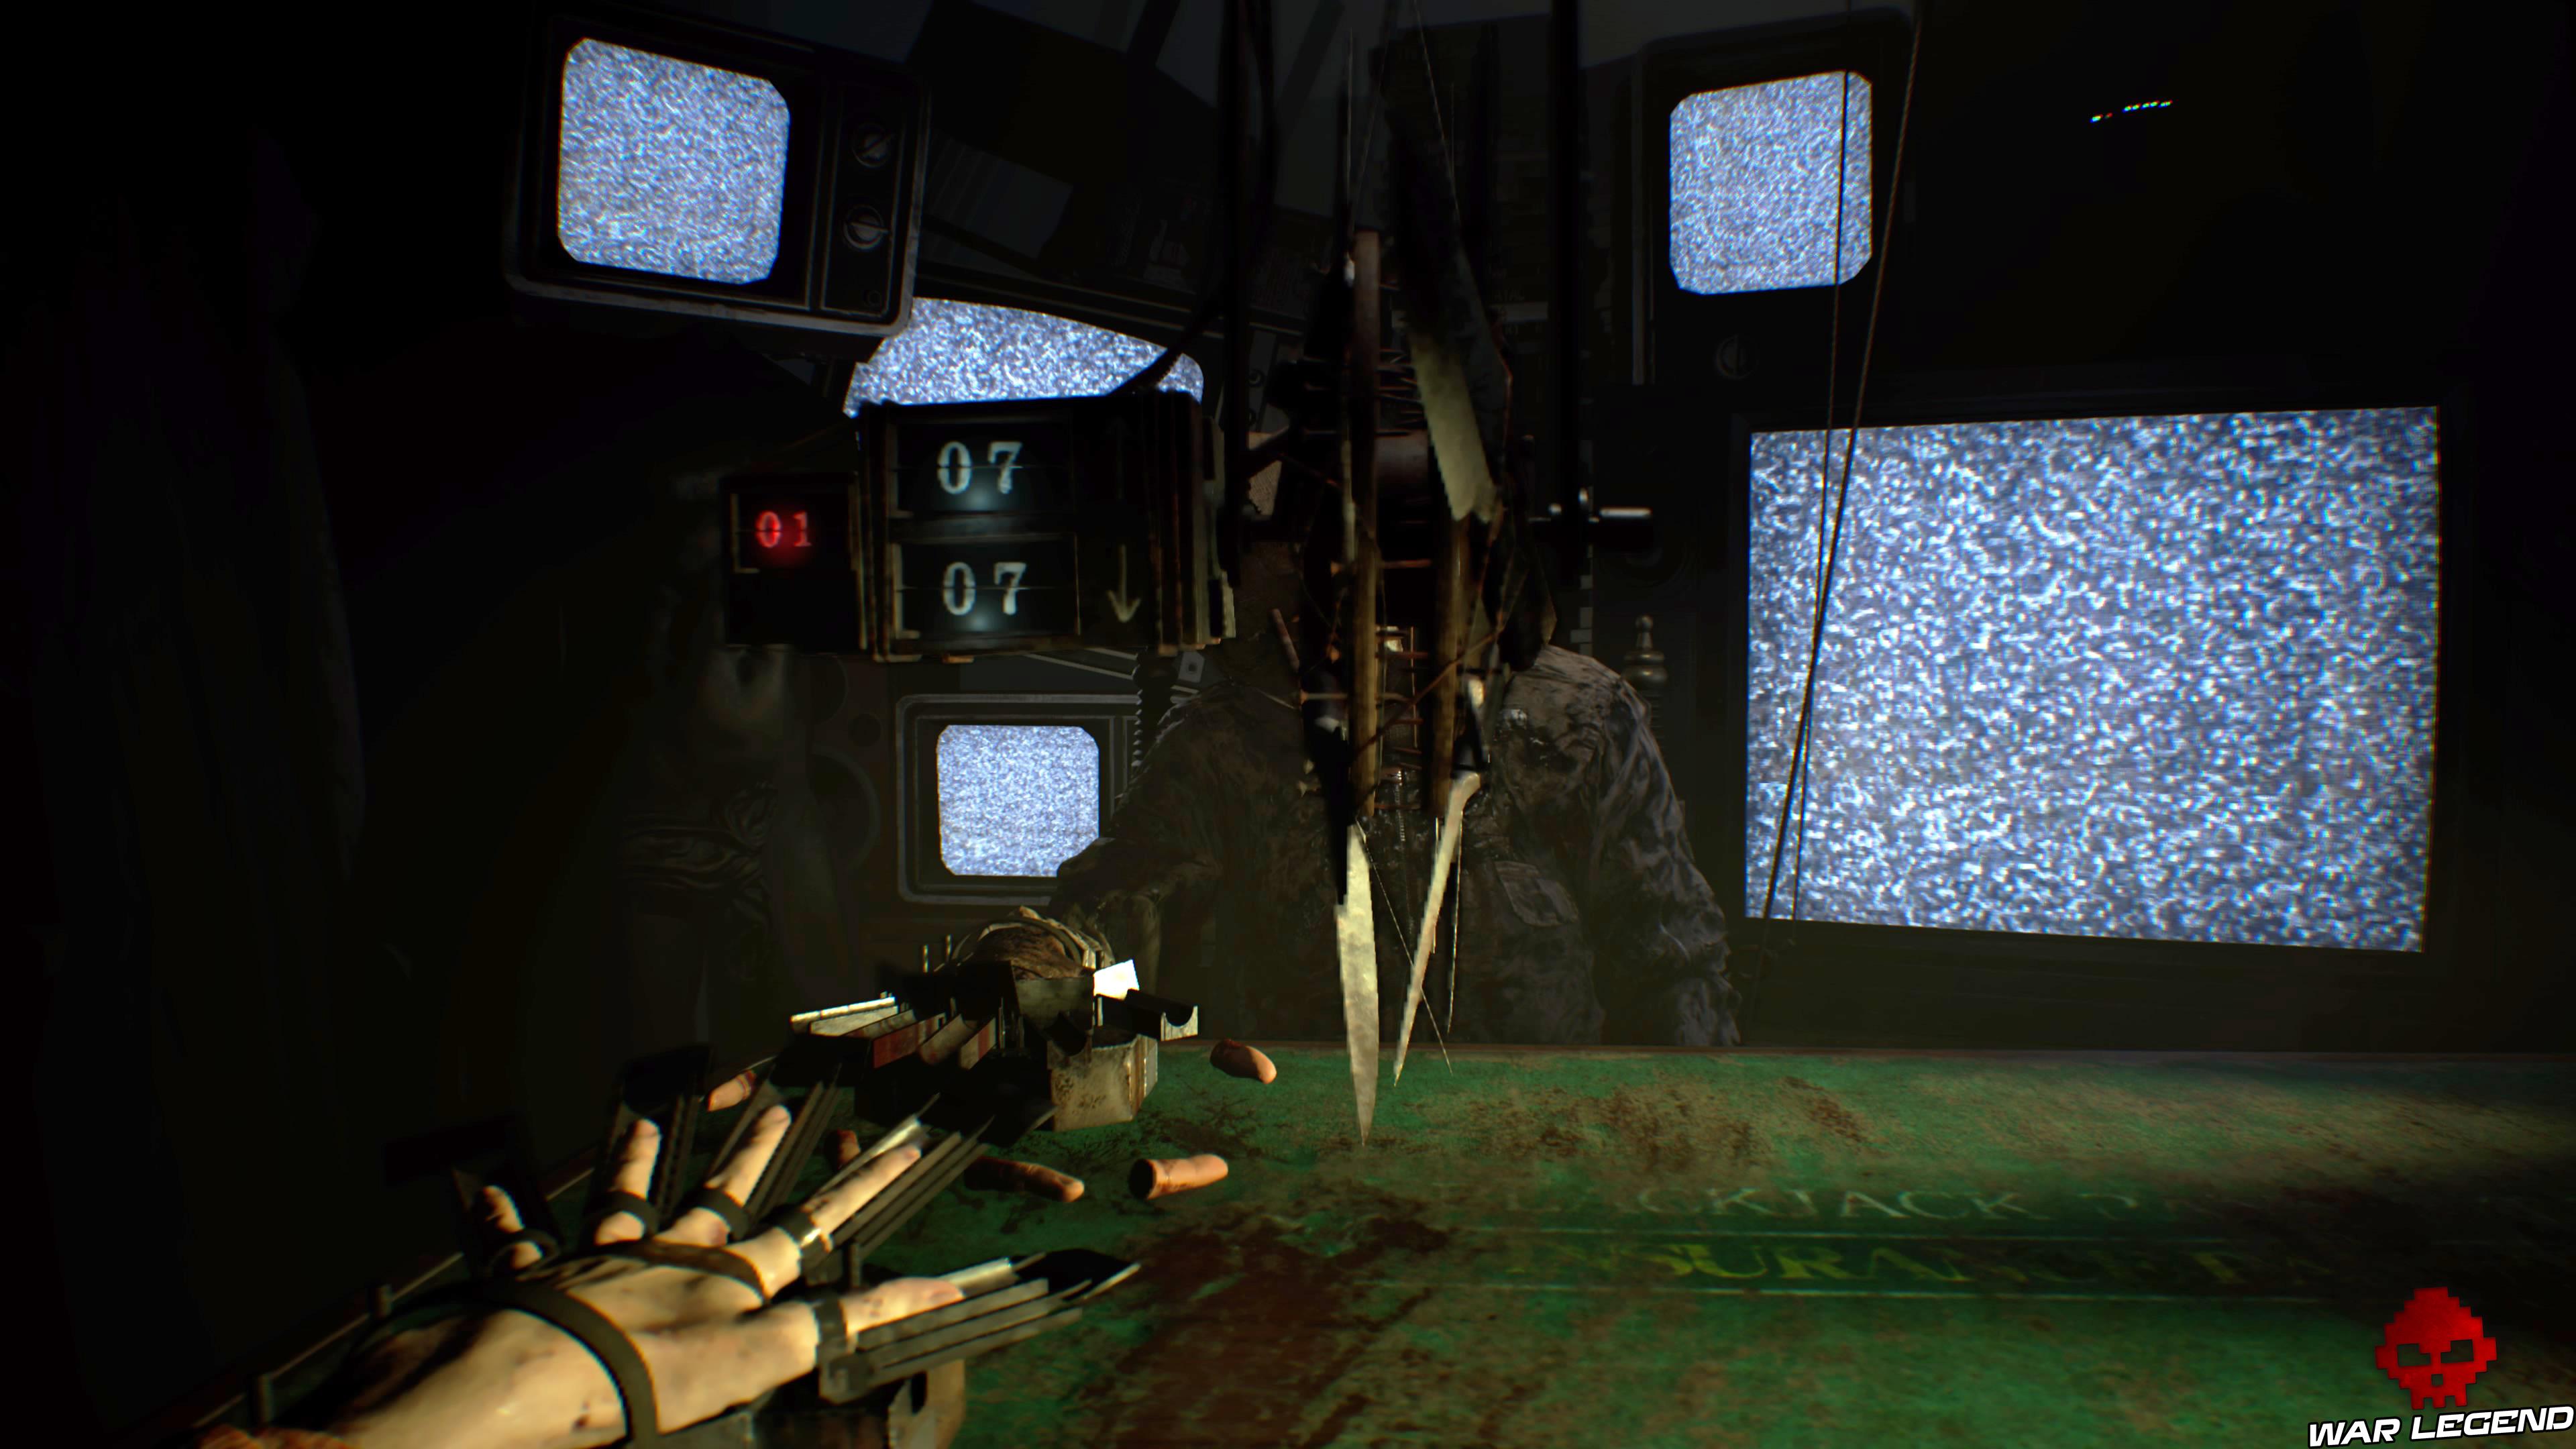 Solution Resident Evil 7 Biohazard - Vingt-et-un roue de lames